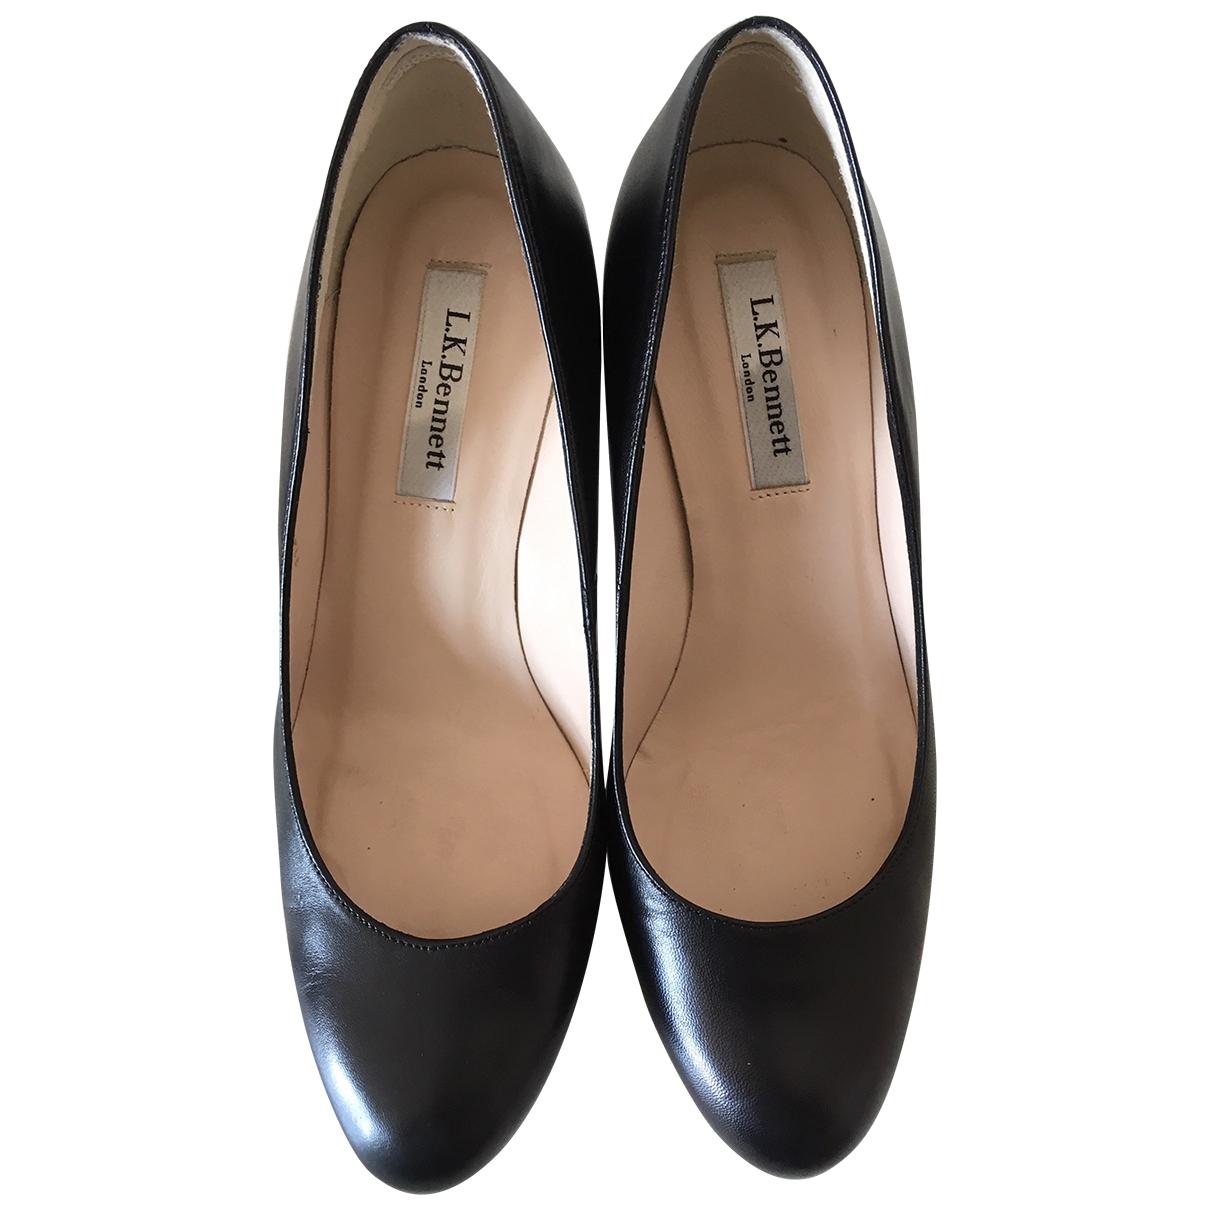 Lk Bennett - Escarpins   pour femme en cuir - noir